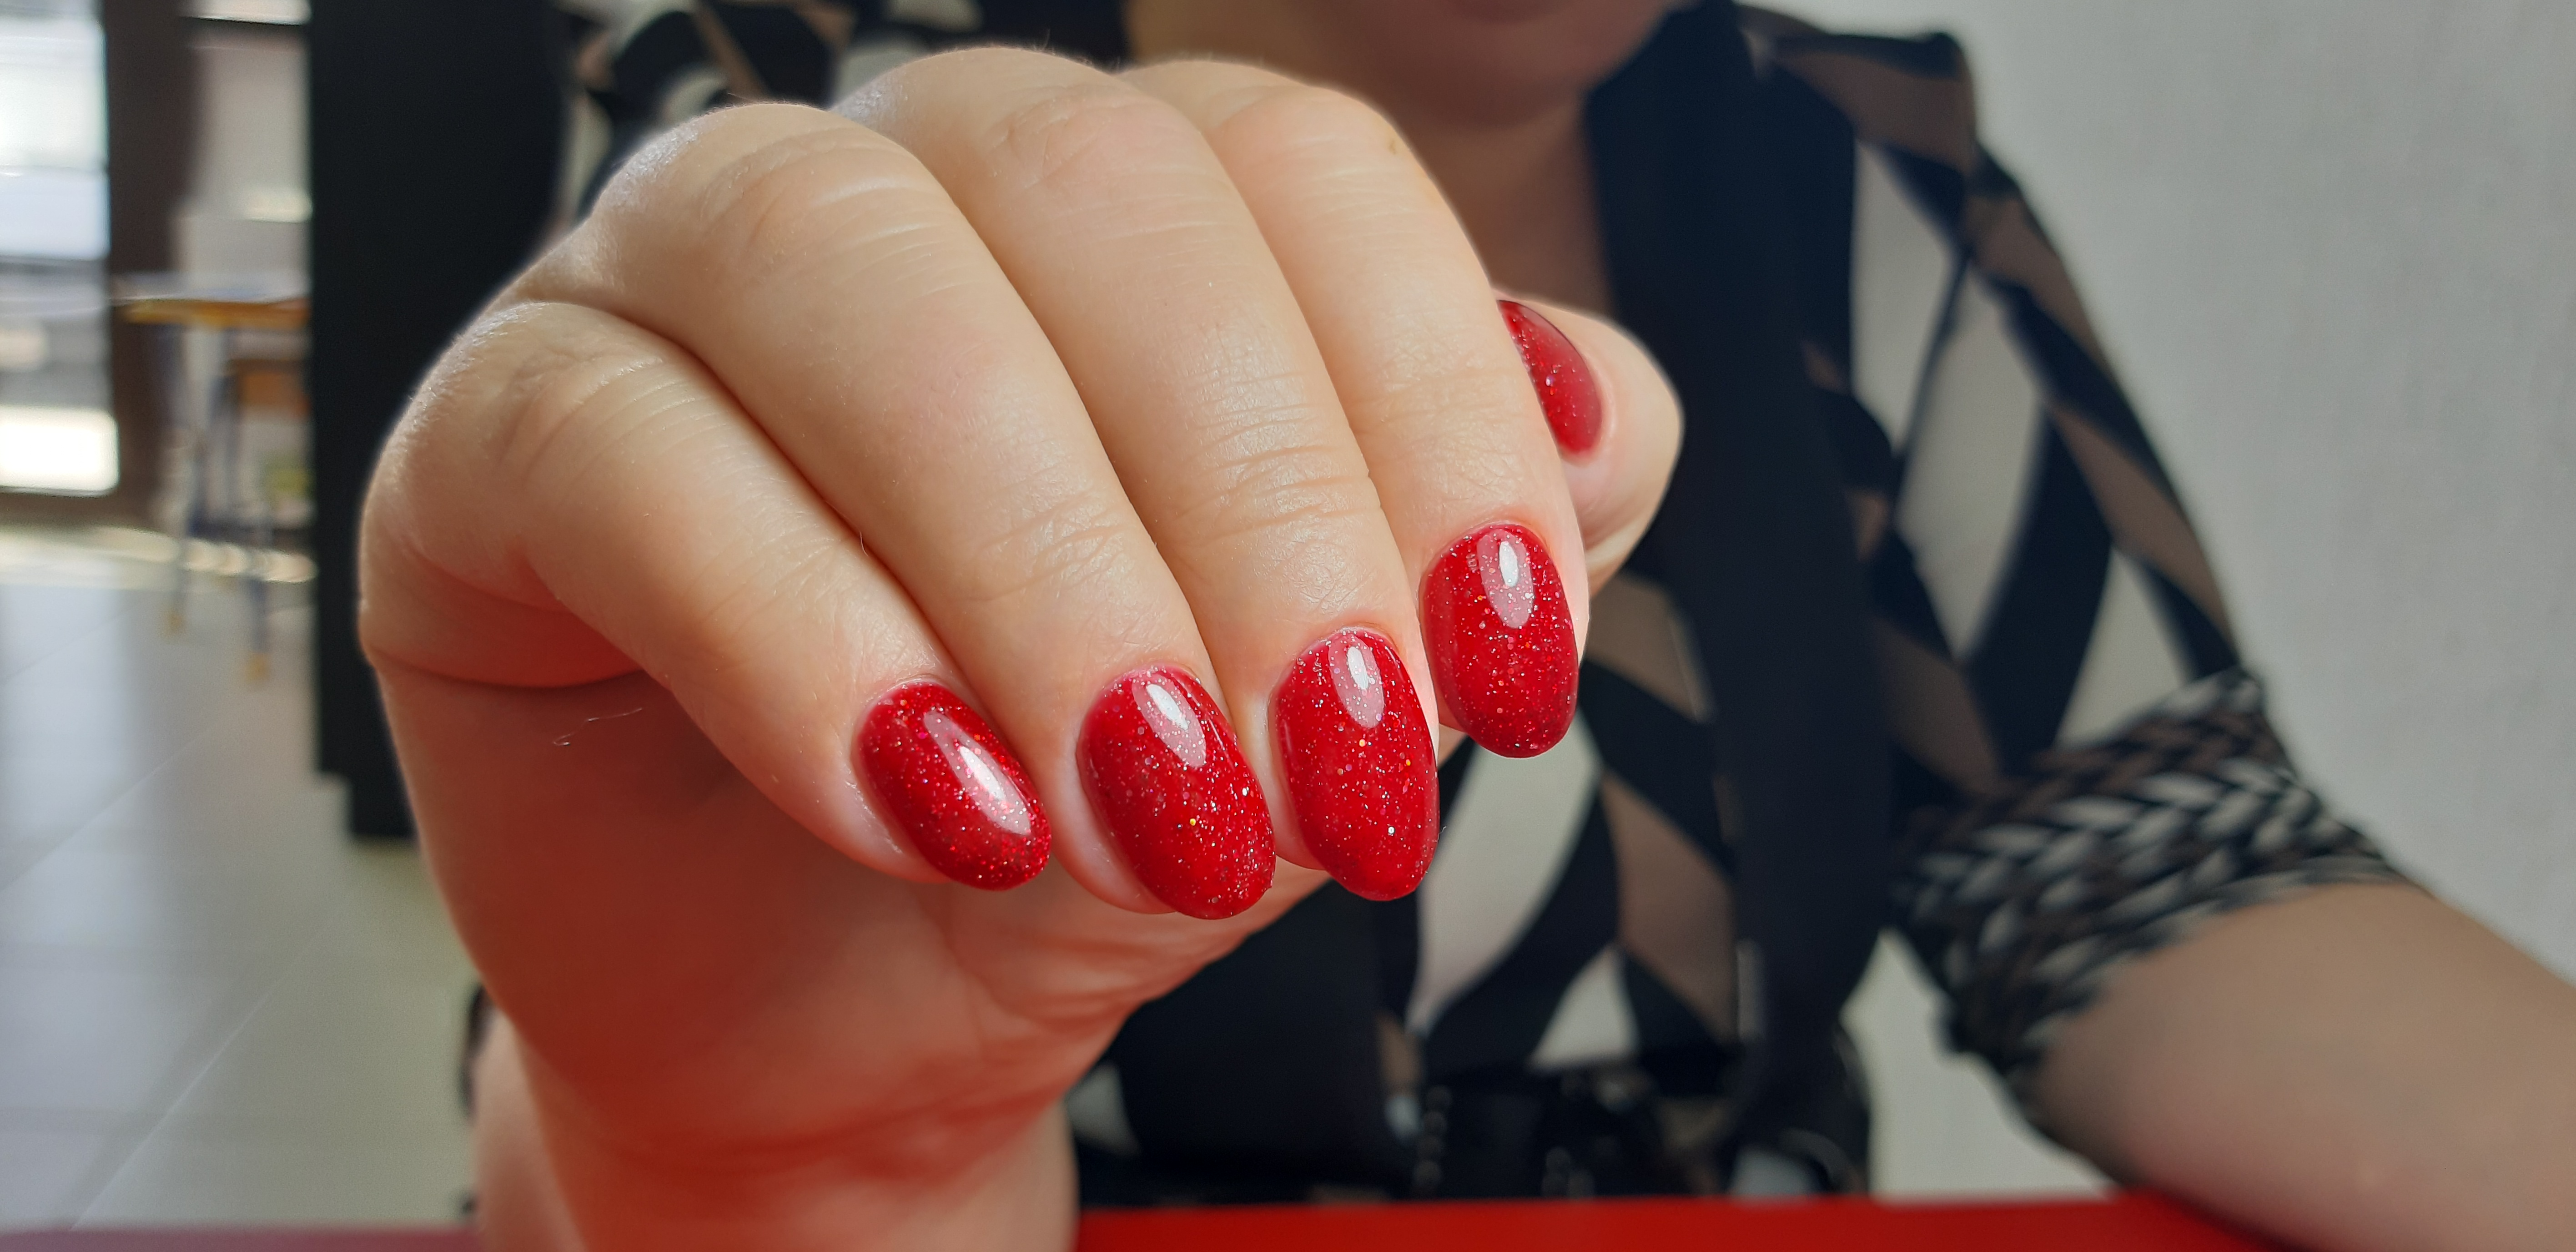 Маникюр с блестками в красном цвете на короткие ногти.